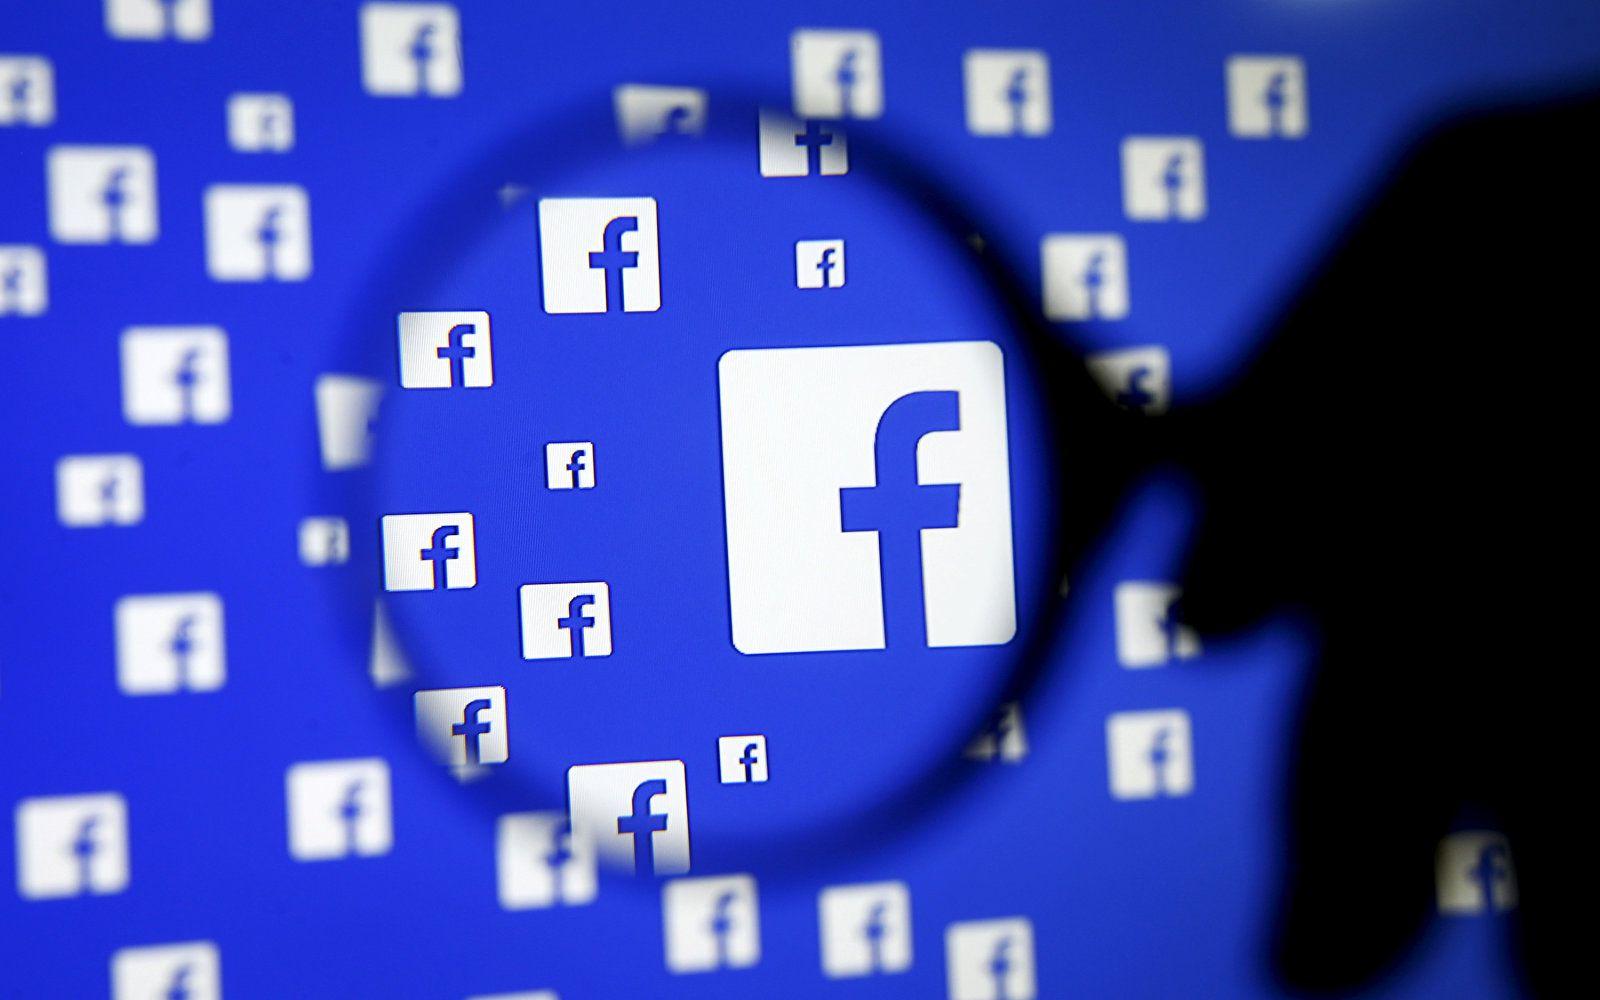 راه اندازی قابلیت «درایو» با هدف جمعآوری کمک برای نیازمندان در فیسبوک